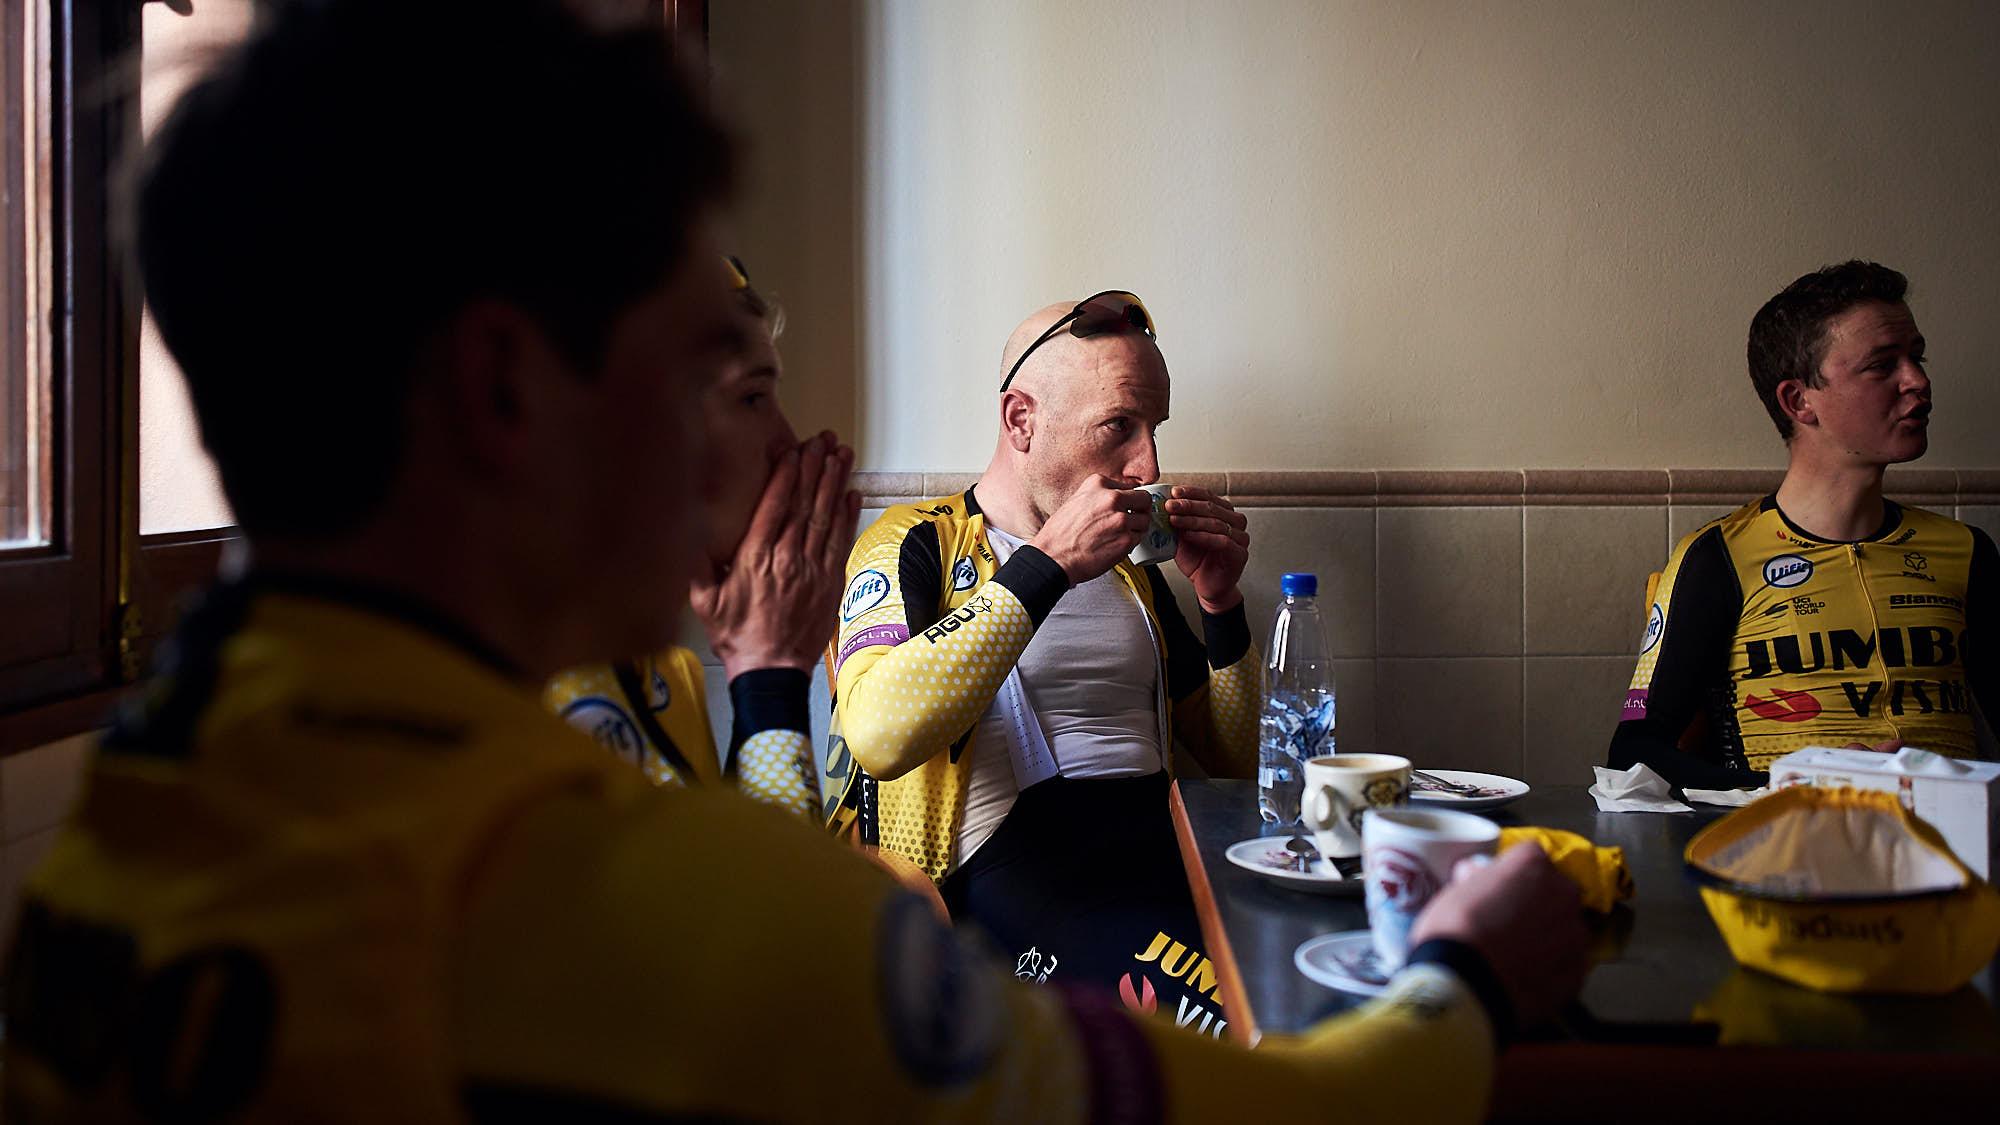 Cyclist Jos van Emden enjoying a coffee